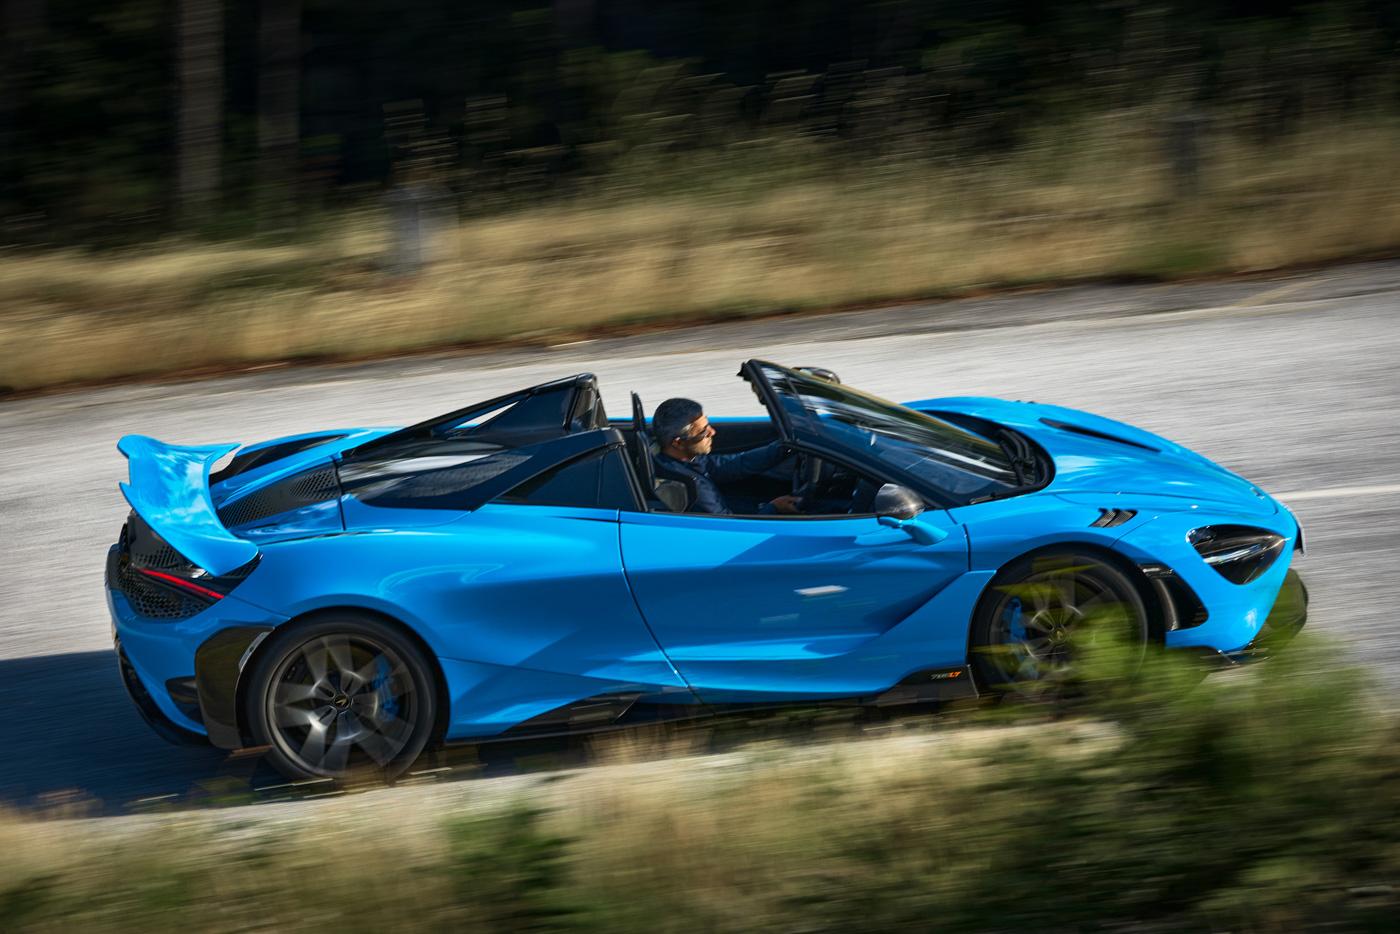 McLaren-765-LT-Spider-siêu-xe-mui-trần-hiệu-năng-cao-dẫn-đầu-phân-khúc-24.jpg